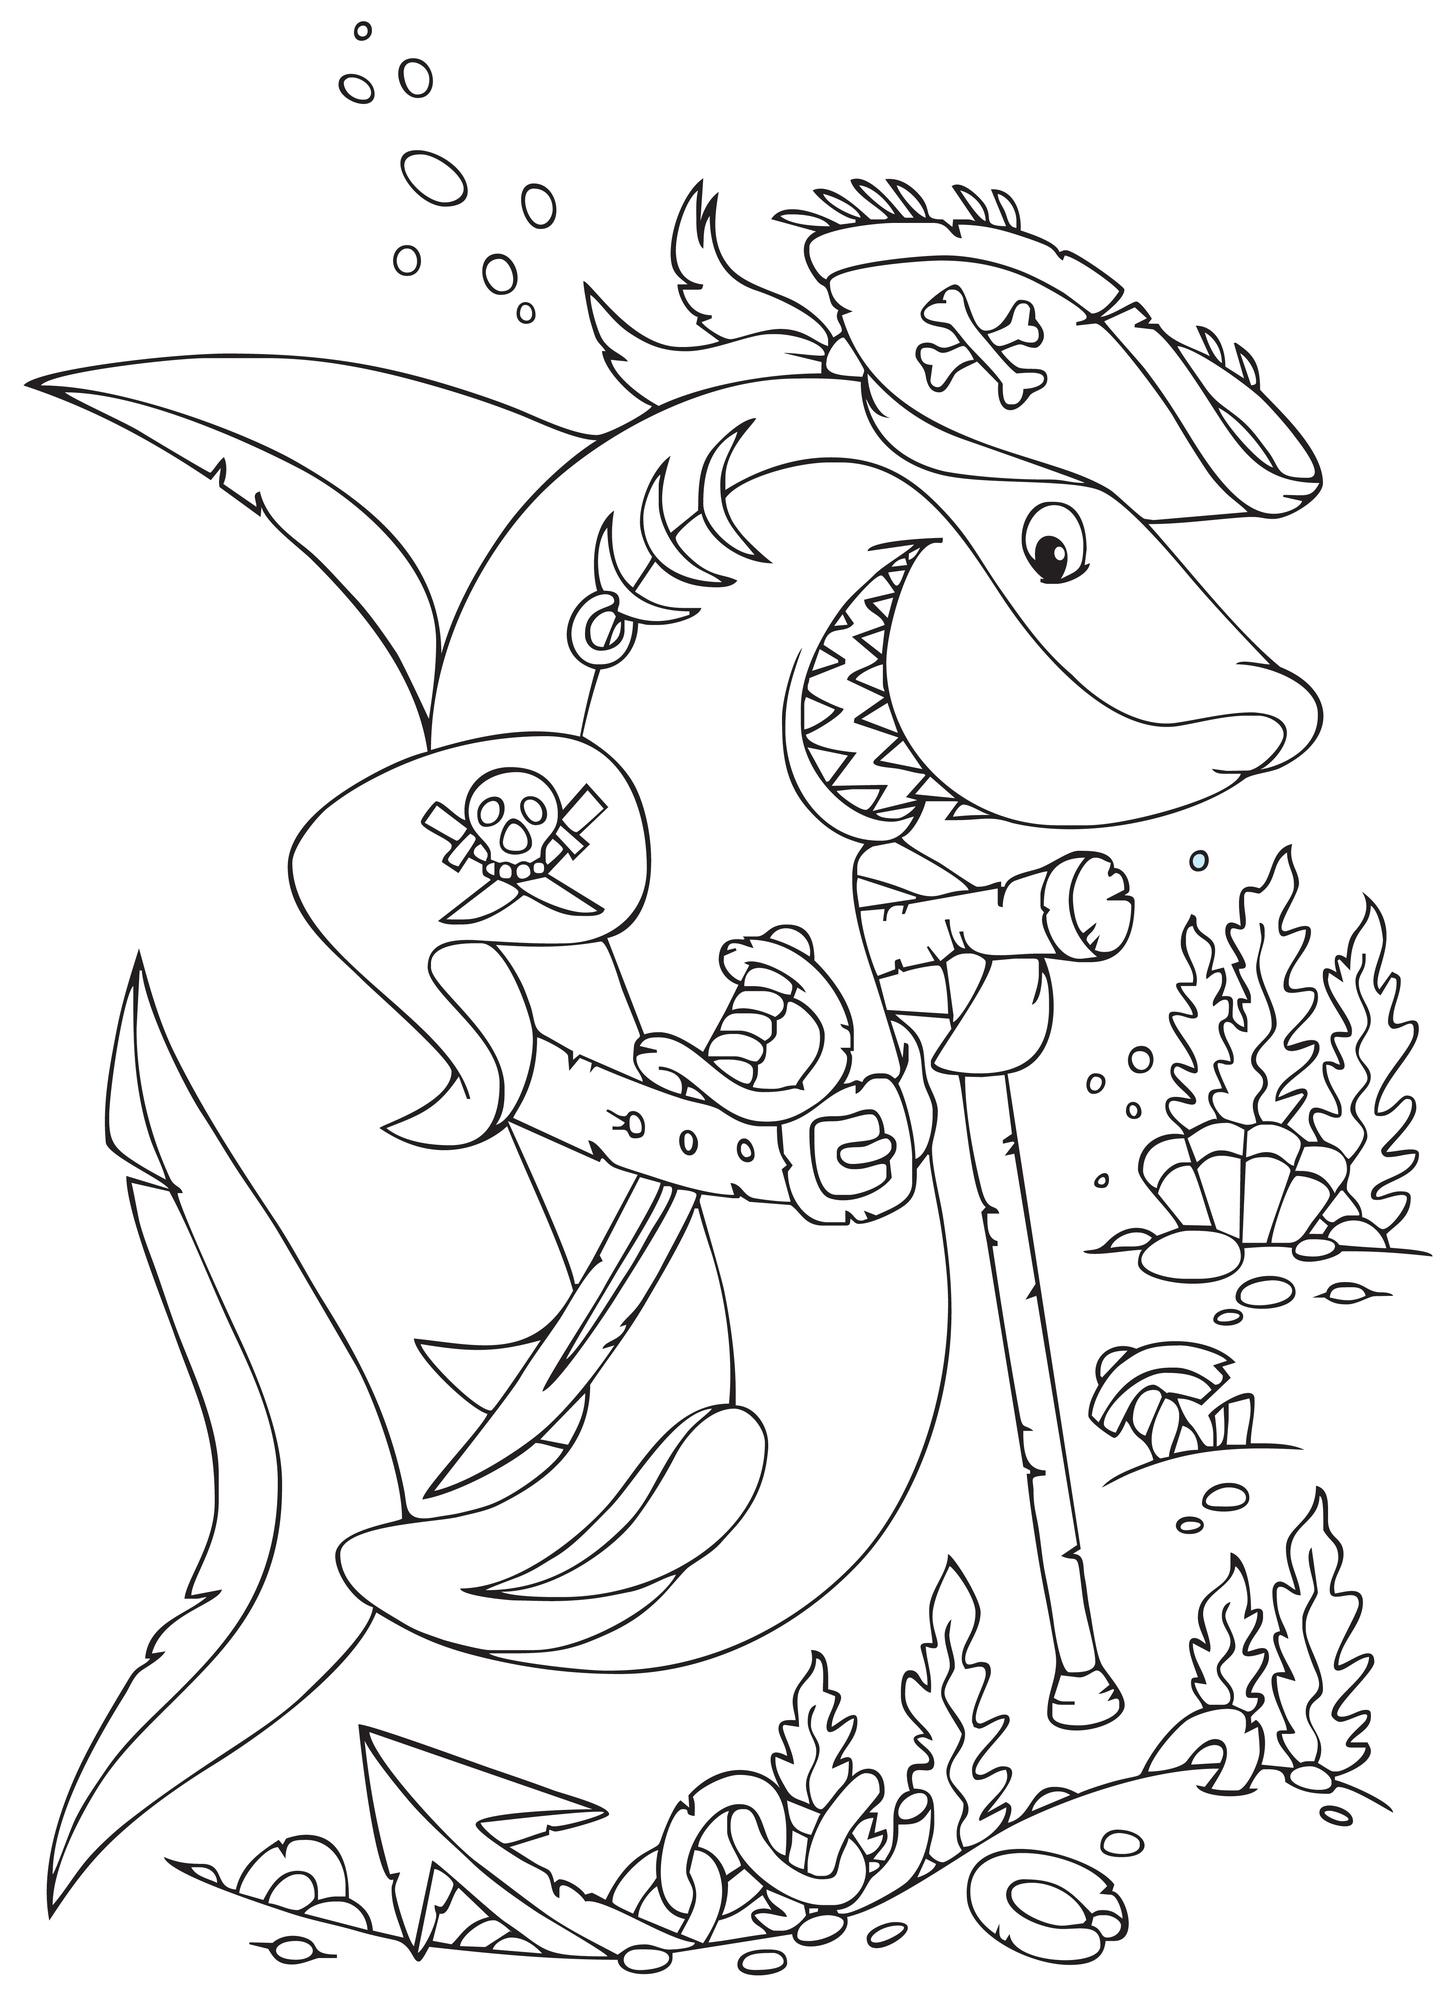 Coloriage À Imprimer : Le Requin Pirate destiné Dessin A Imprimer De Pirate